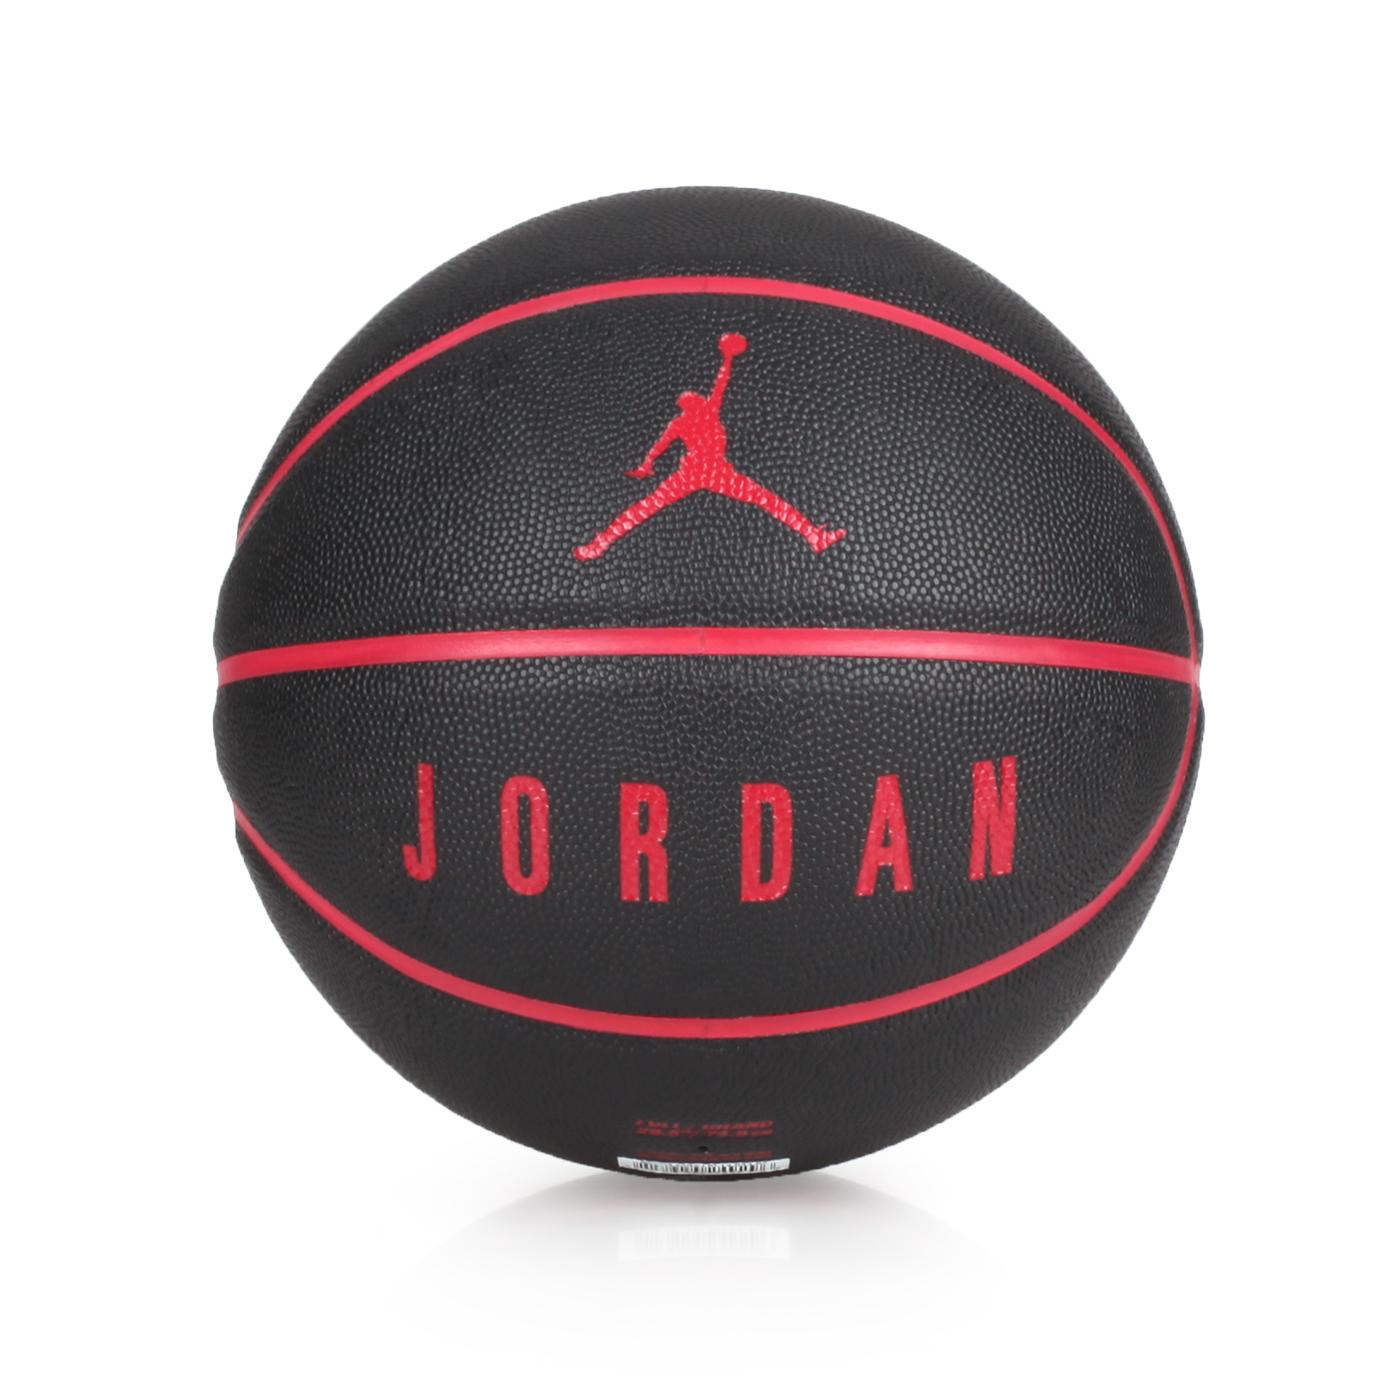 NIKE JORDAN ULTIMATE 8P 7號籃球 JKI1205307 - 黑紅